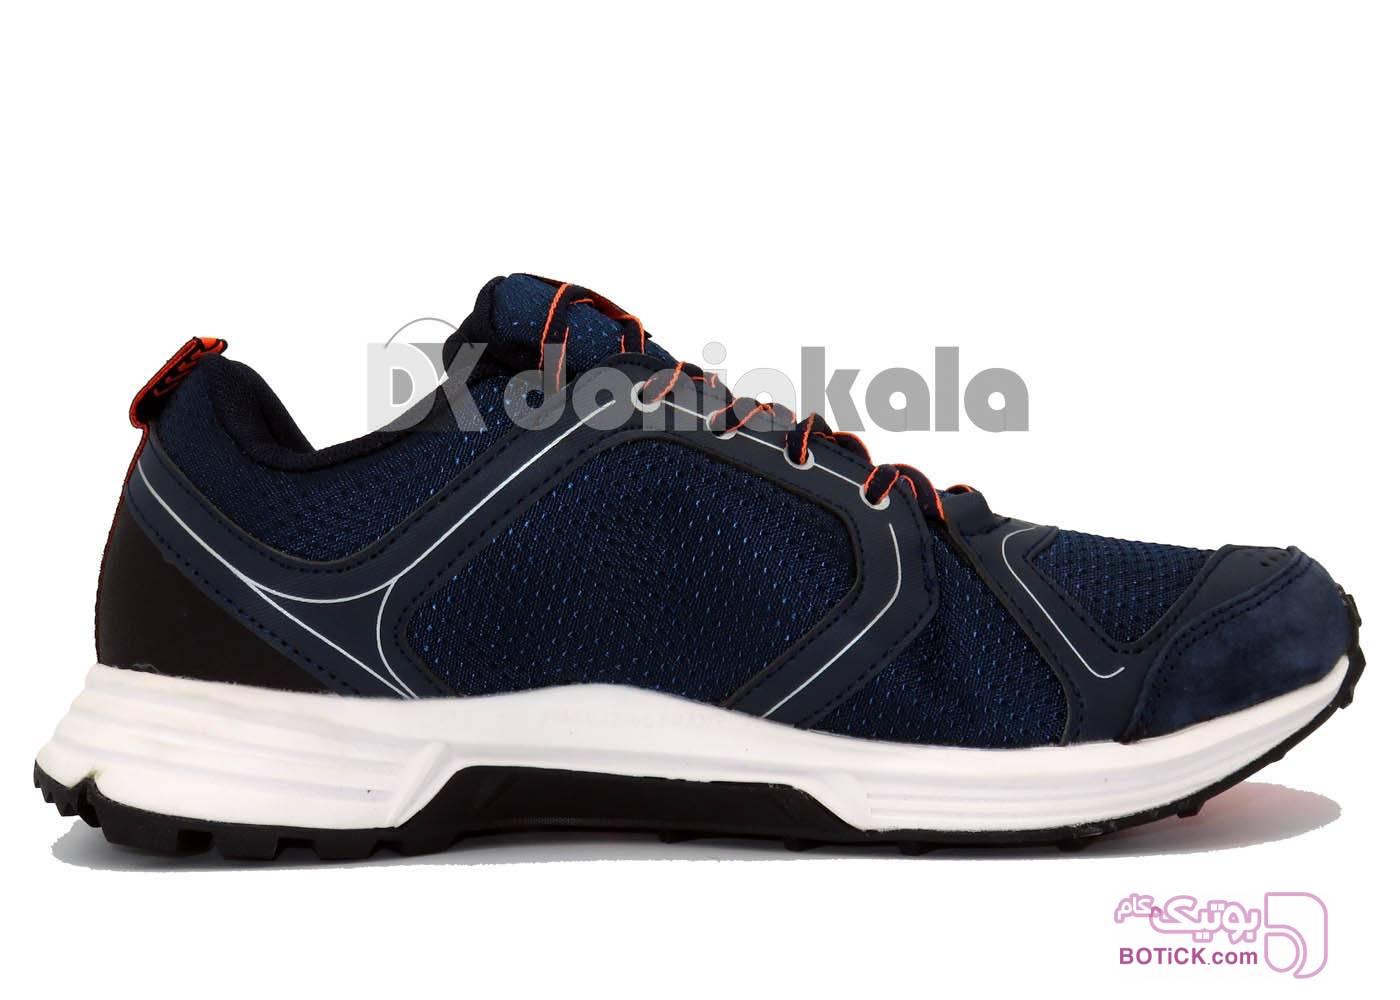 کفش و کتونی اسپرت مردانه مخصوص پیاده روی ریبوک مدل reebok v65991 مشکی كتانی مردانه